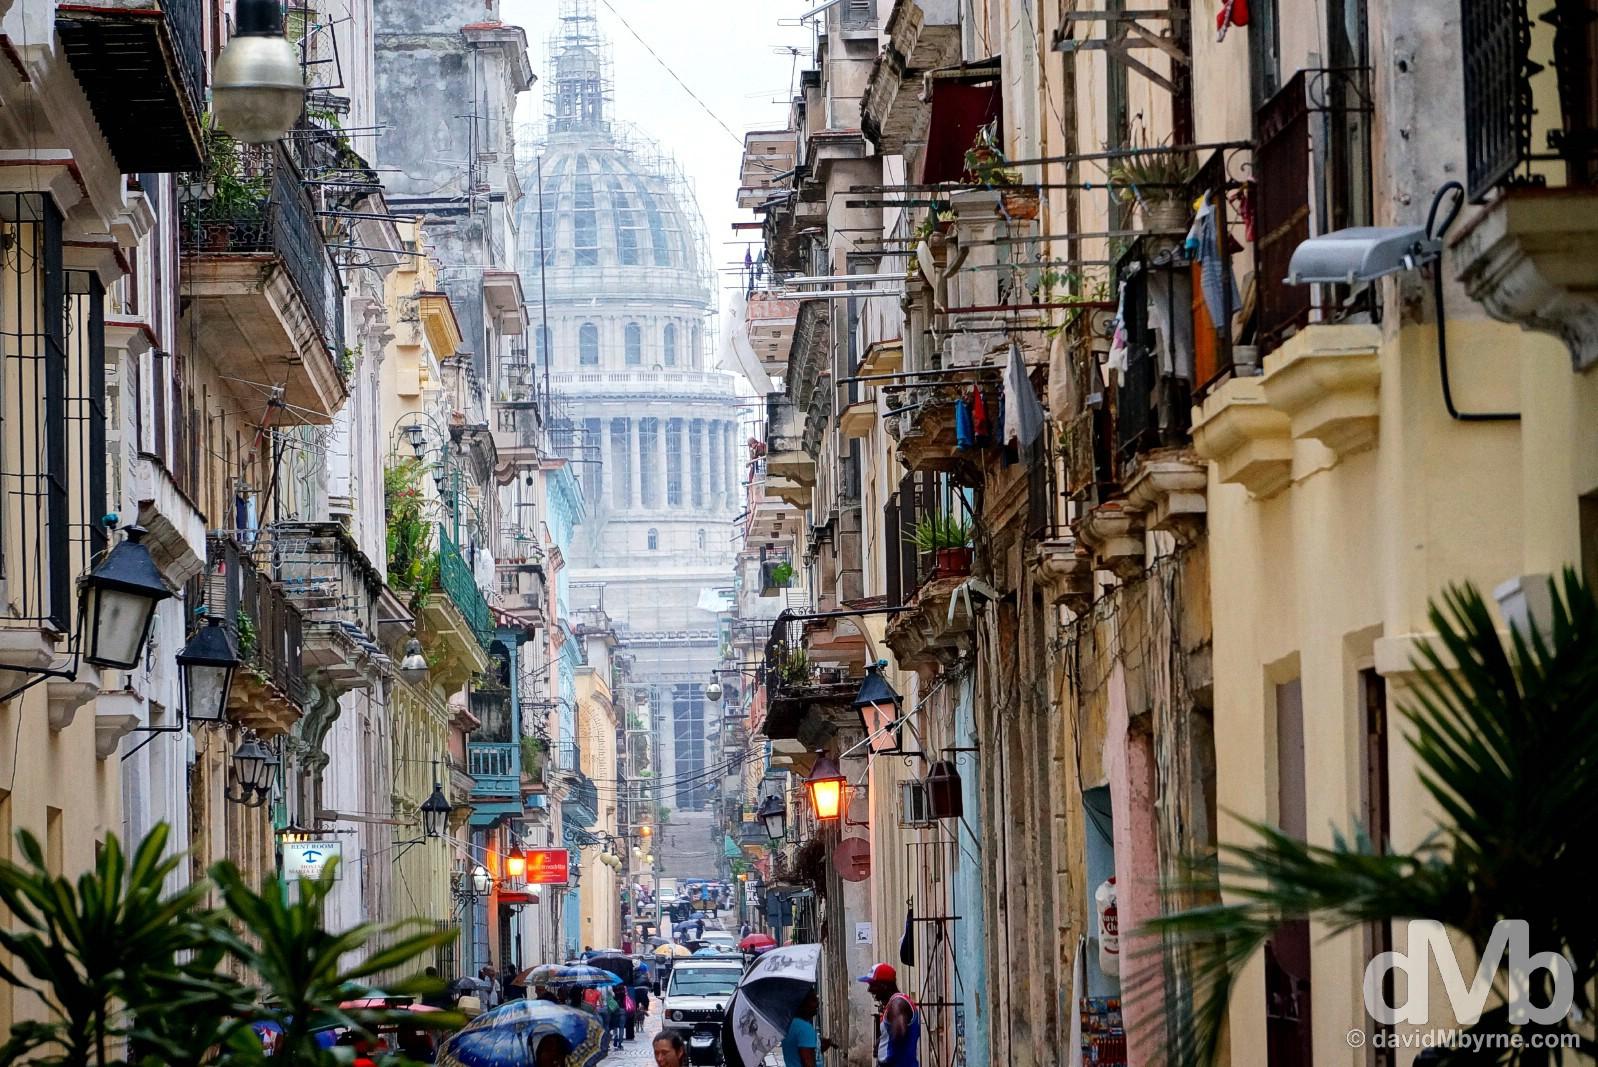 Teniente Ray, Havana, Cuba. April 30, 2015.